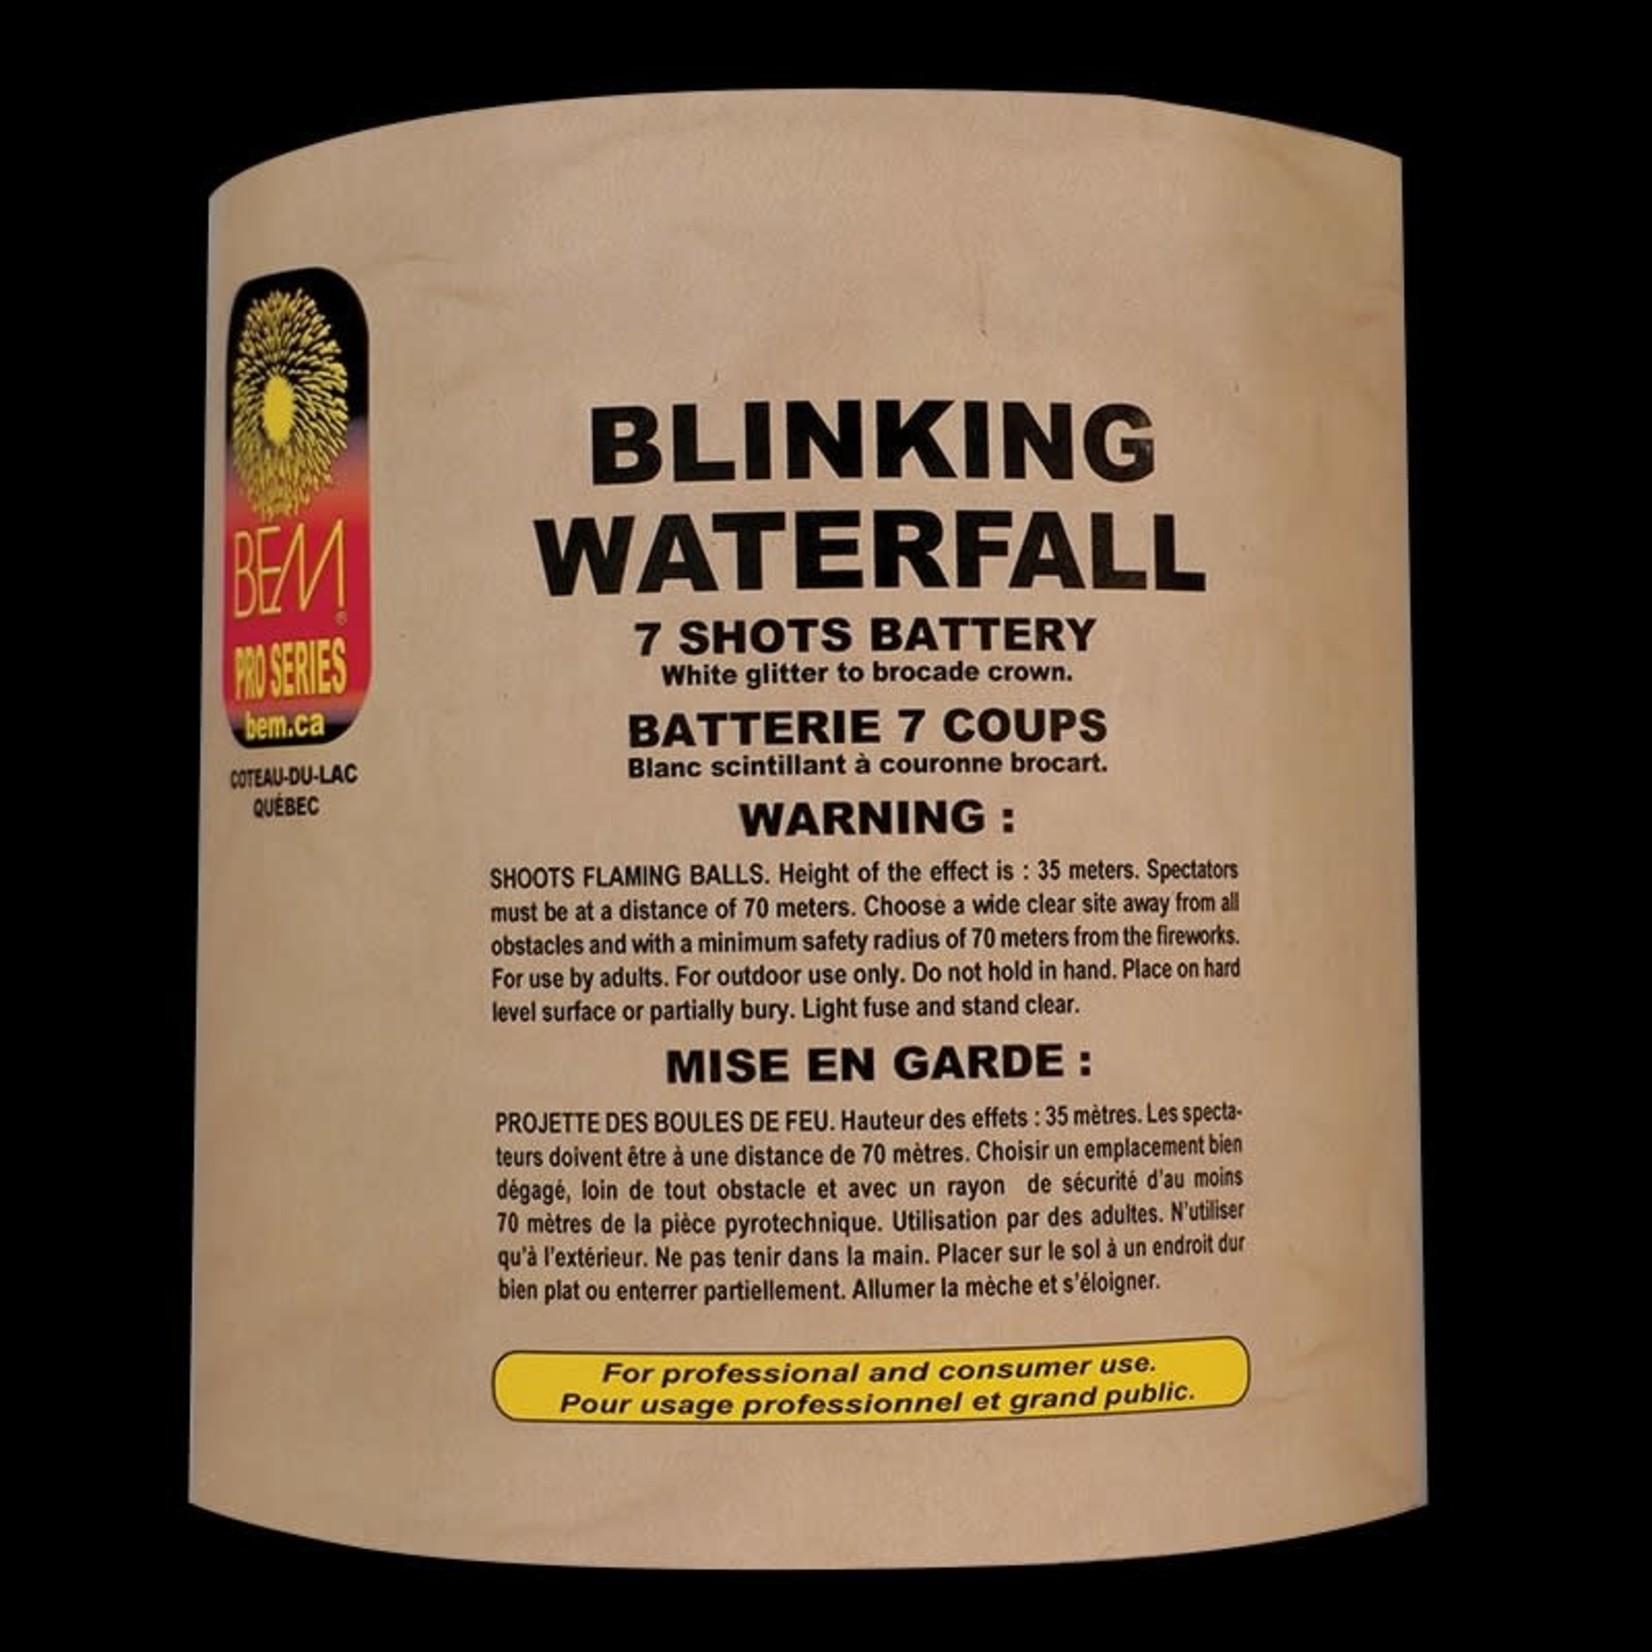 Blinking Waterfall